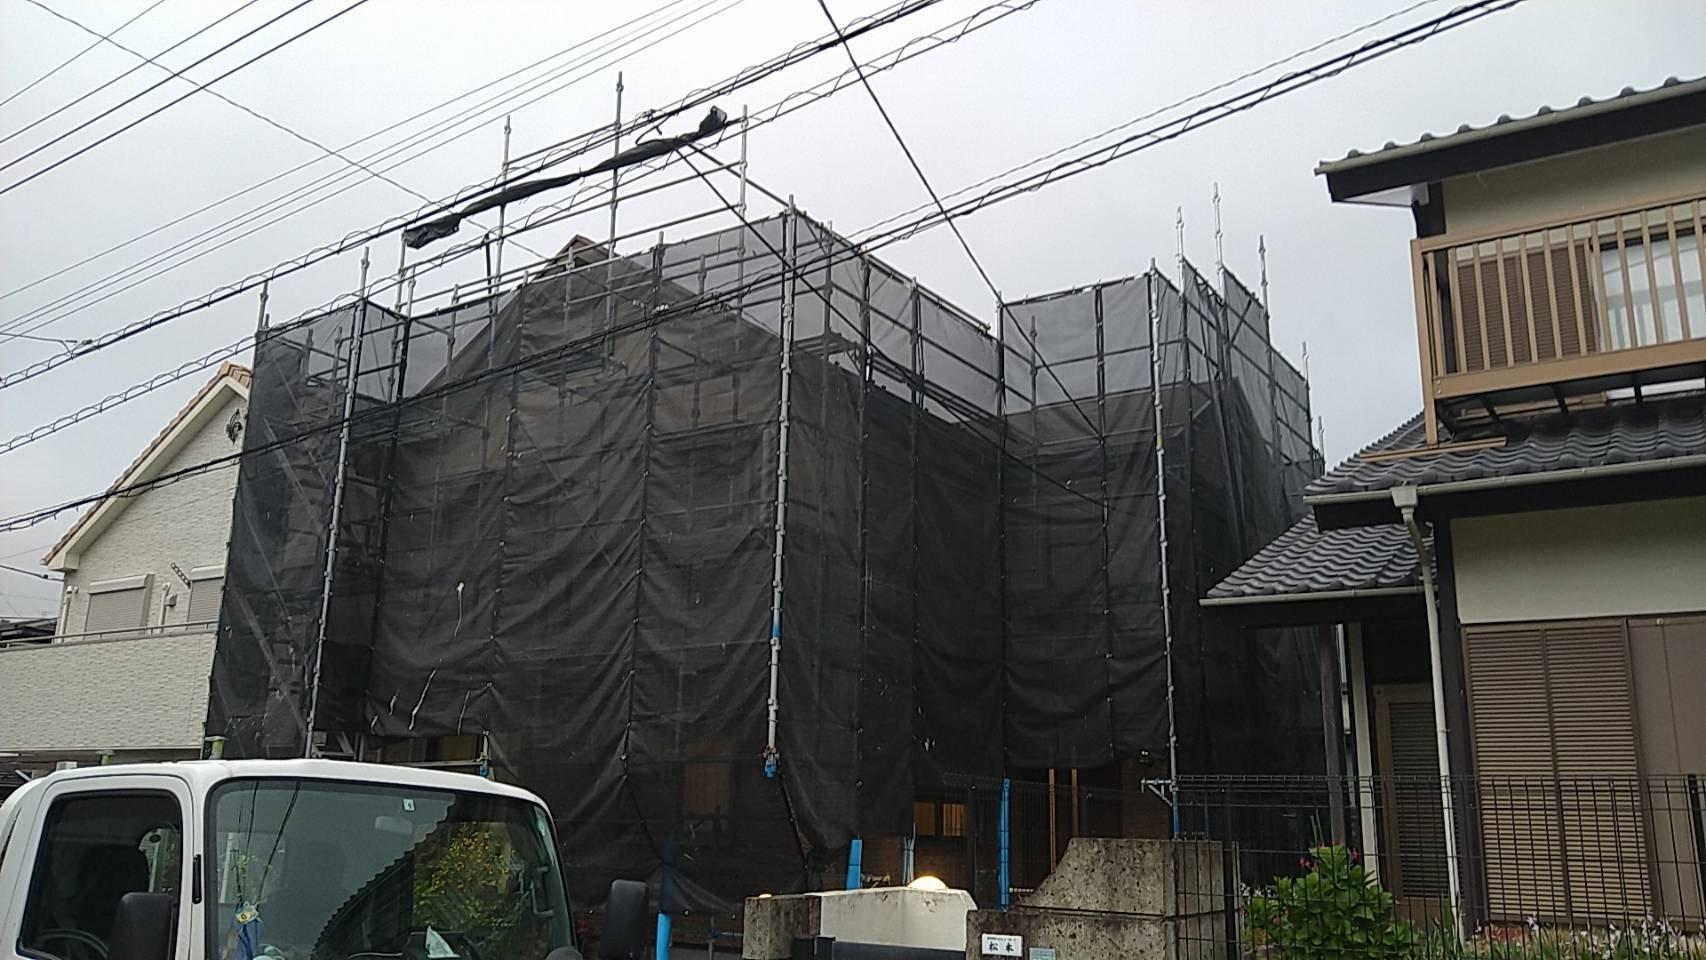 野崎工業 神奈川県横須賀市ハイランド 足場工事 施工事例                  屋根葺き替え用足場